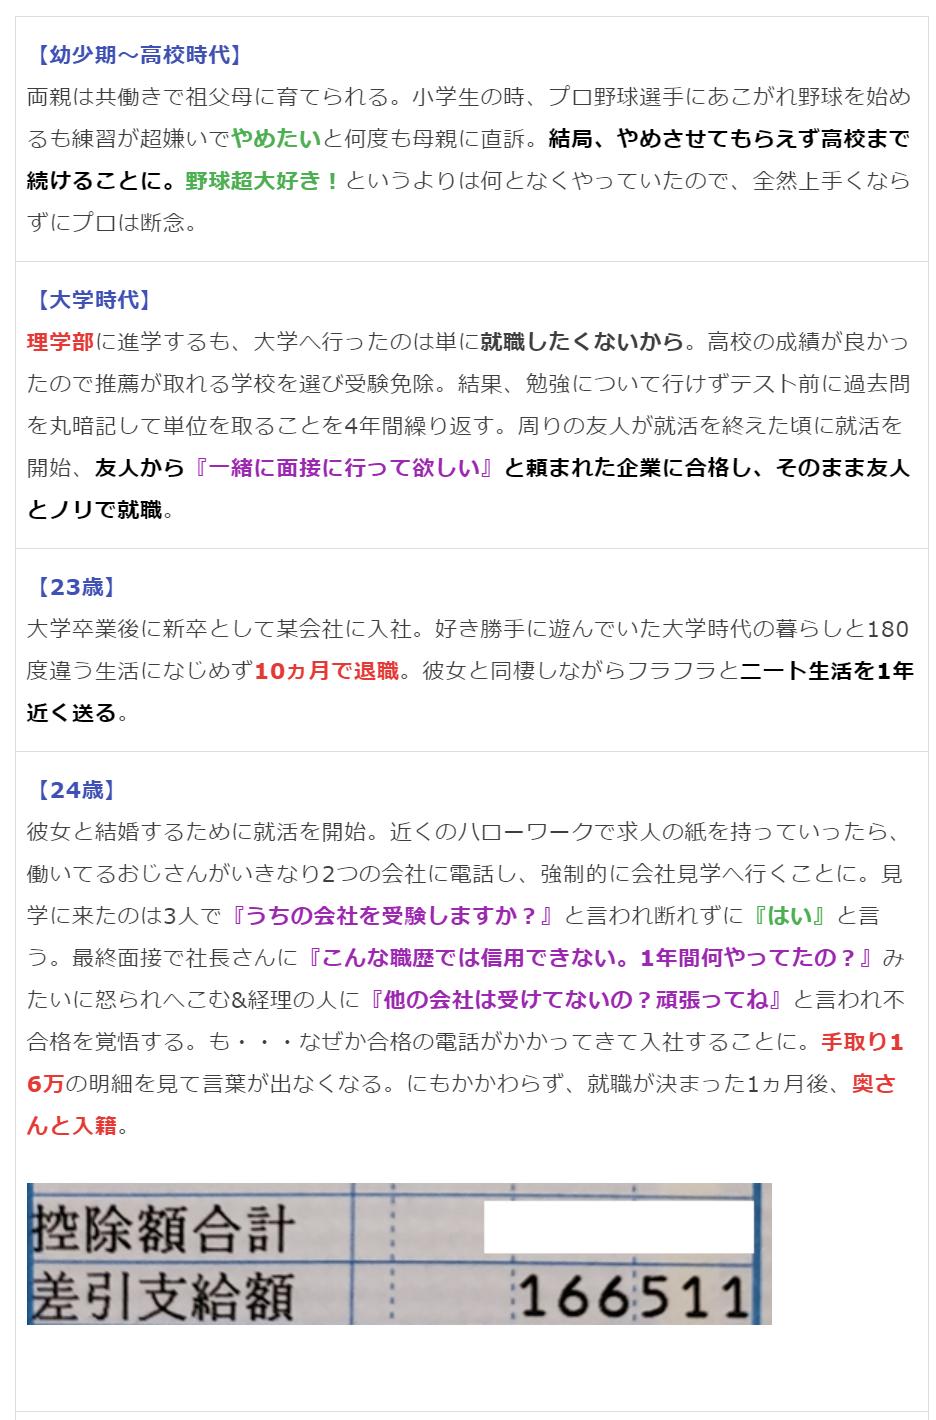 ブログプロフィールの書き方解説2